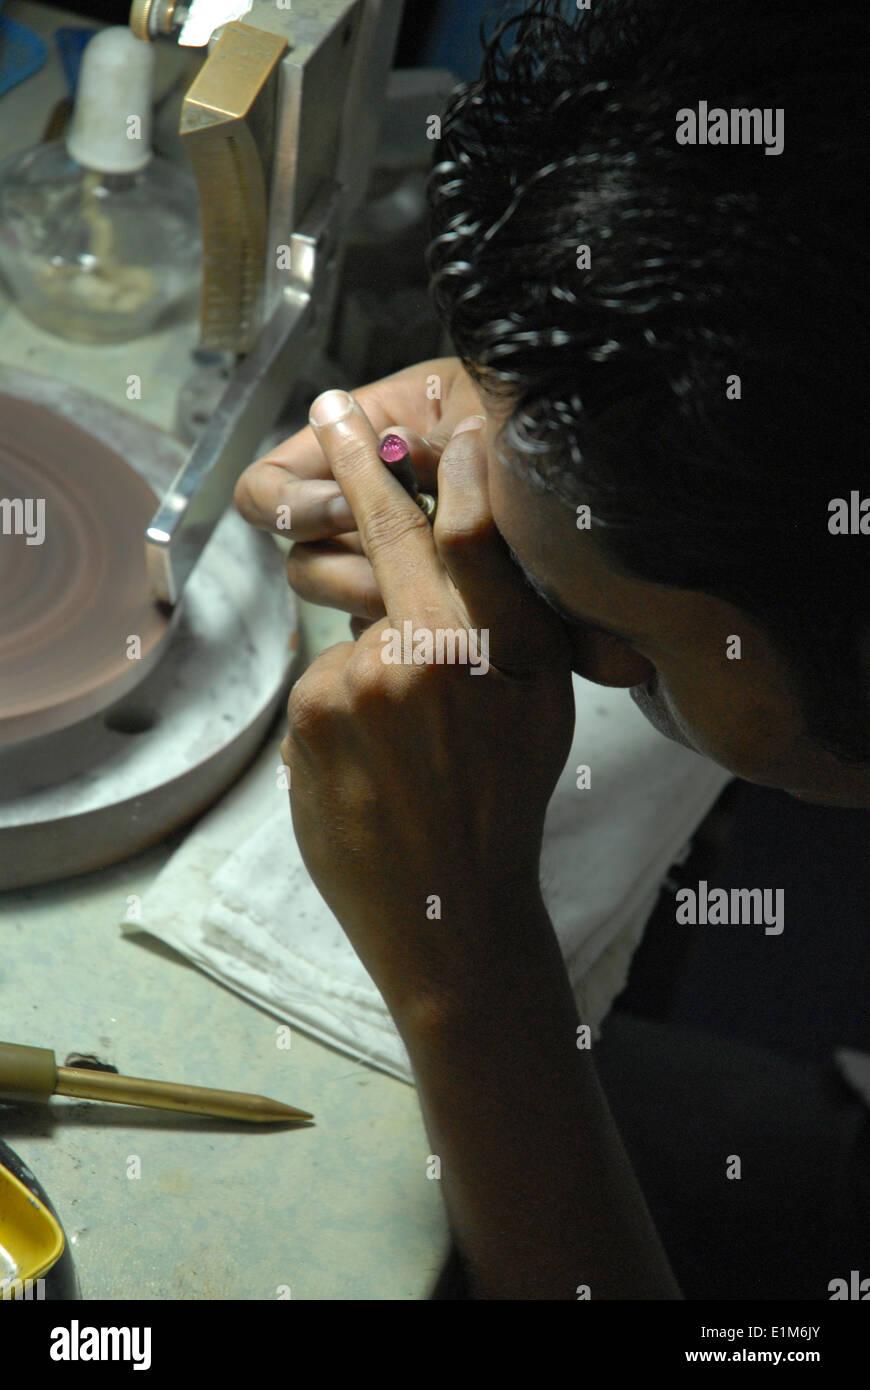 Gem polishing - Stock Image